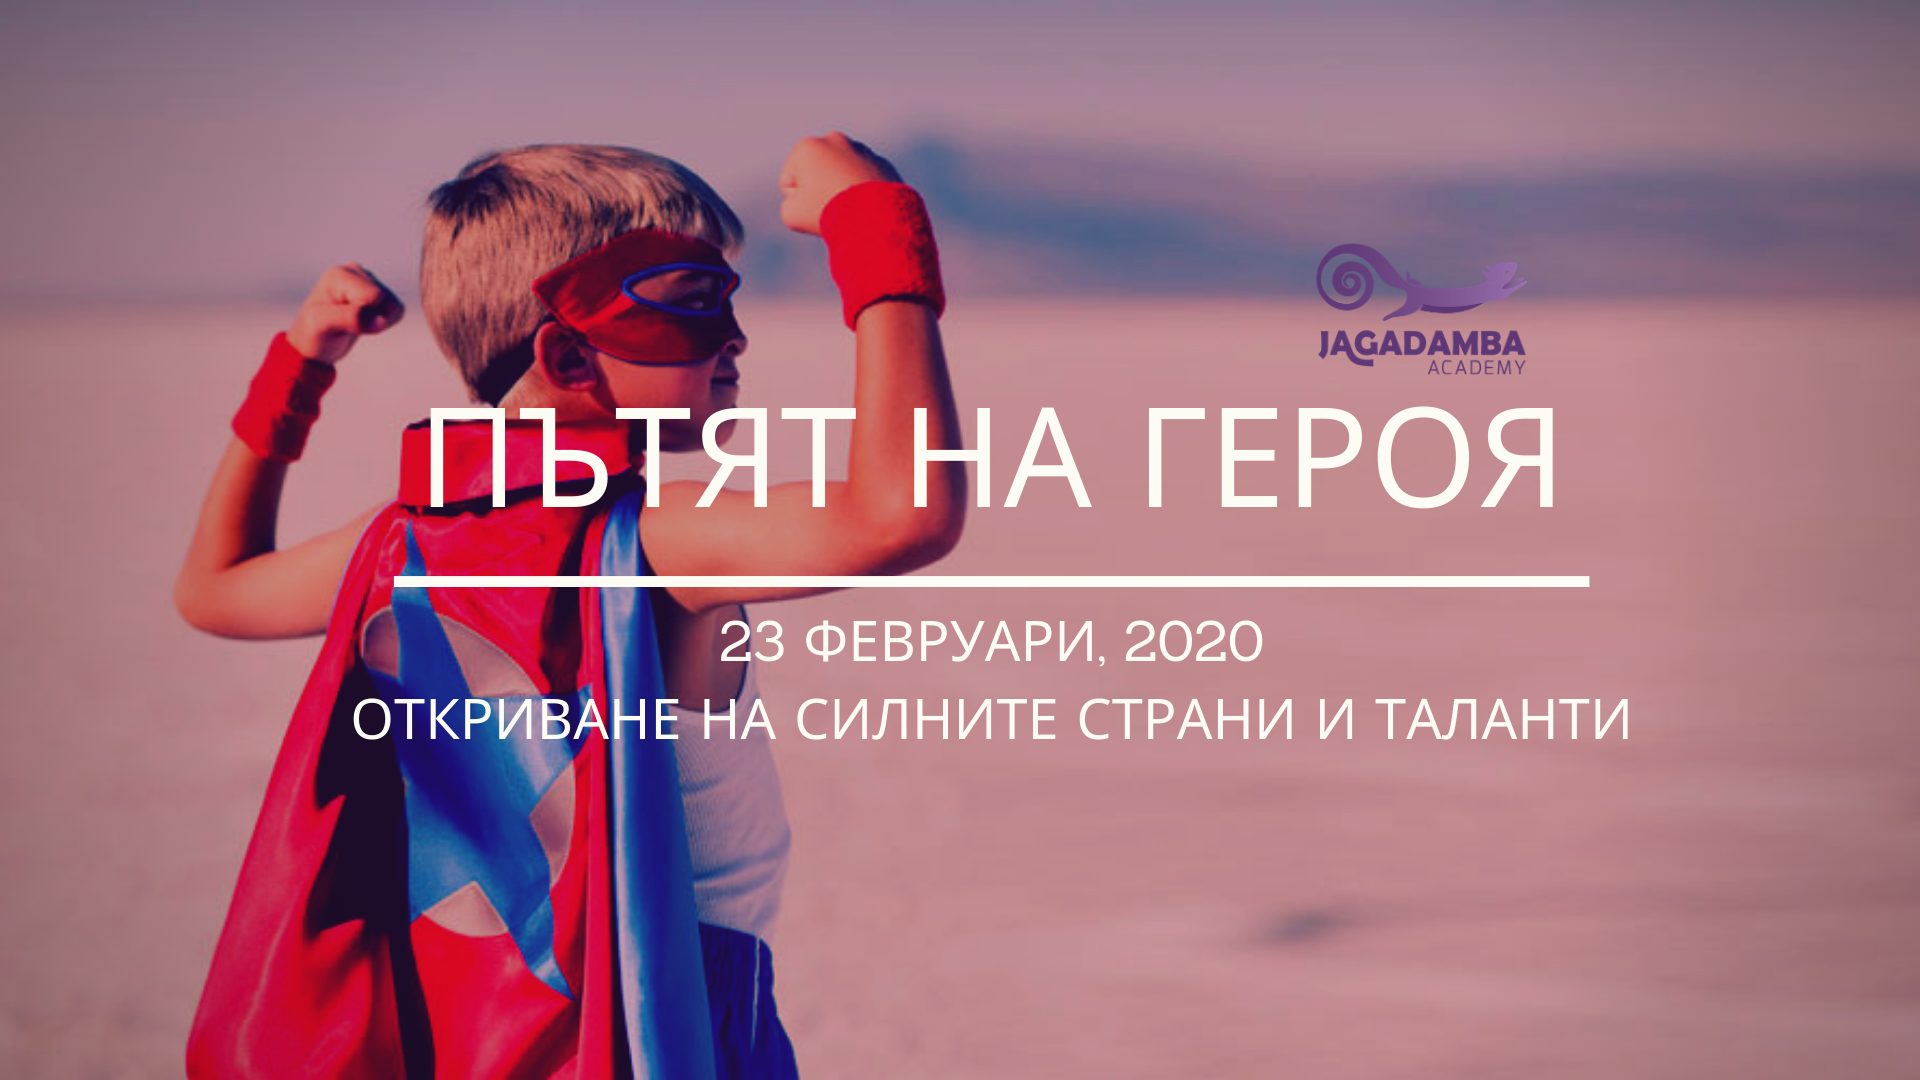 СИЛНИ СТРАНИ И ТАЛАНТИ-ПЪТЯТ НА ГЕРОЯ-Jagadamba_academy